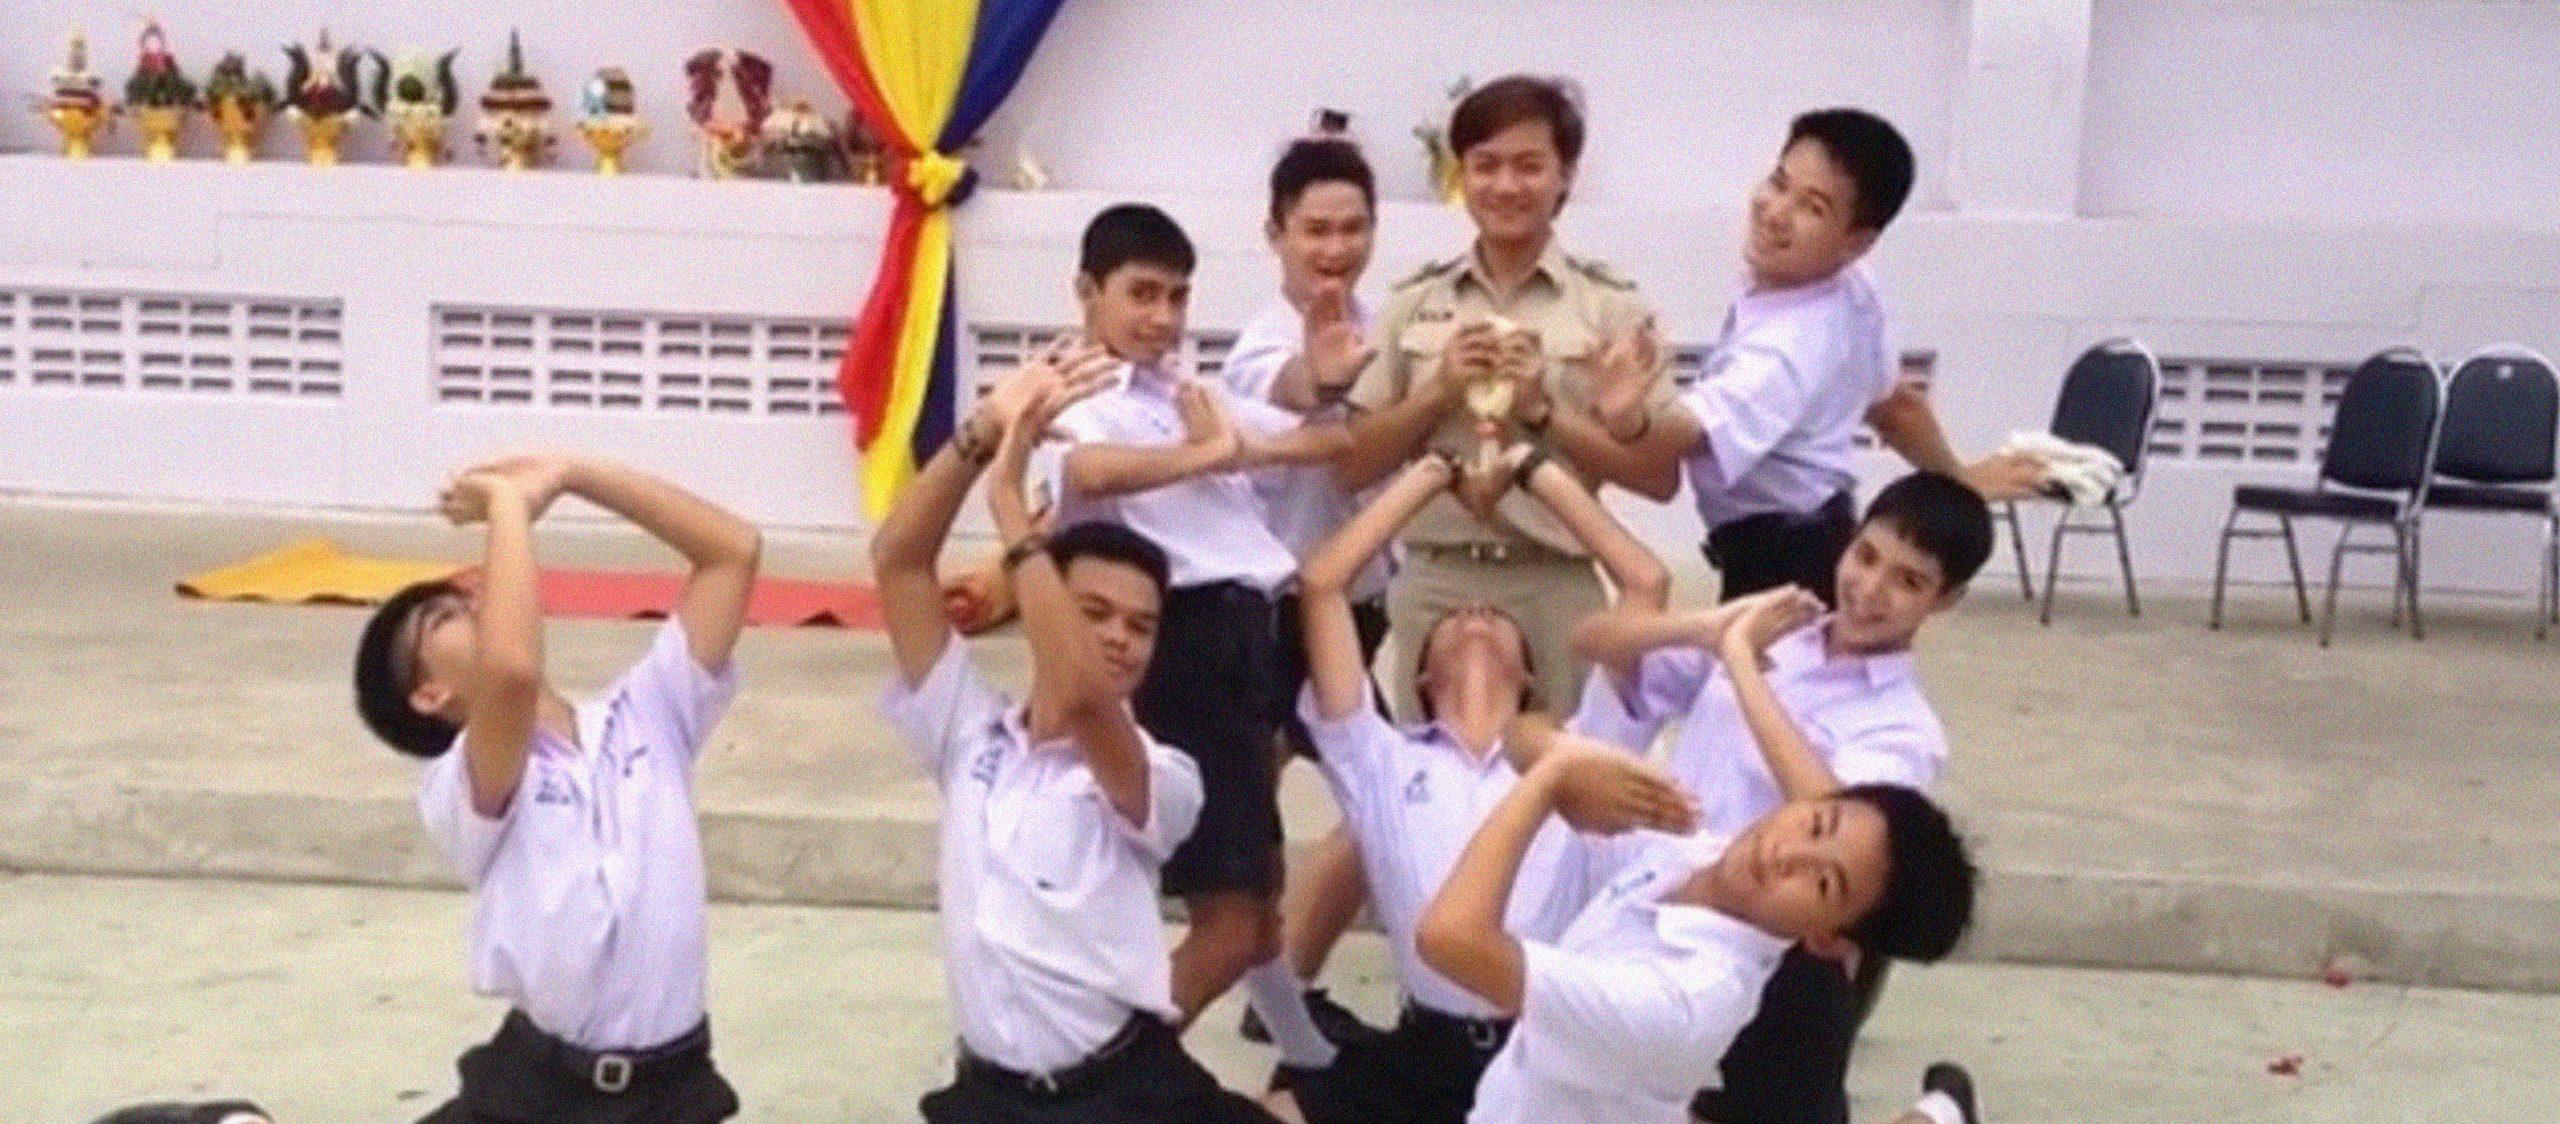 เมดอินไทยแลนด์ : archive : มิถุนายน 2562